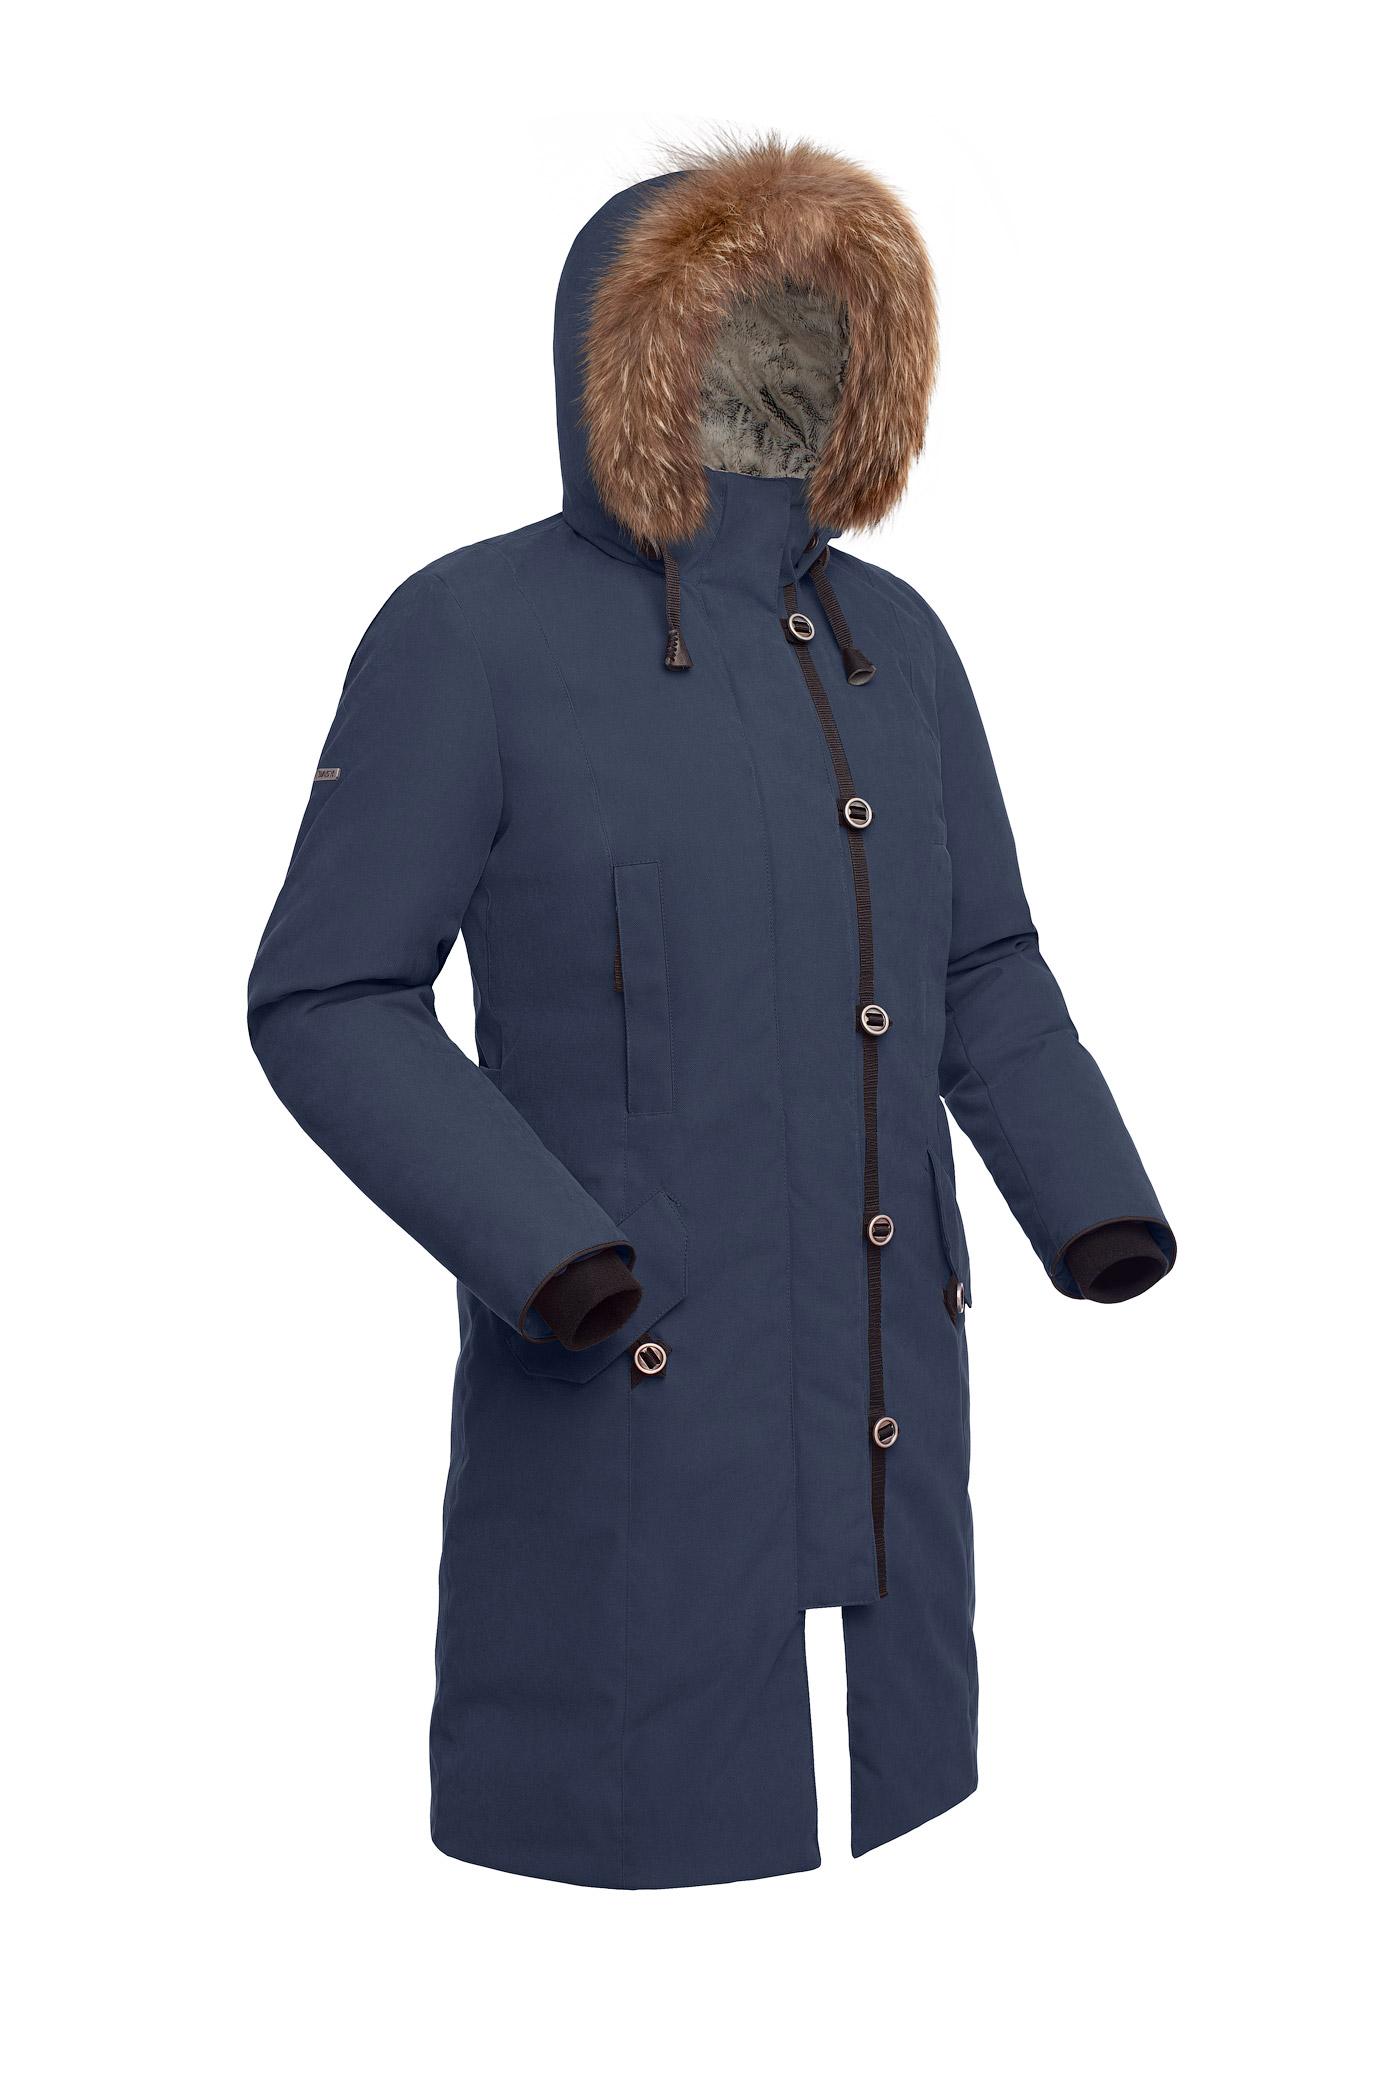 Пальто пуховое женское BASK HATANGA V2 темно-синее, Пальто - арт. 999840409